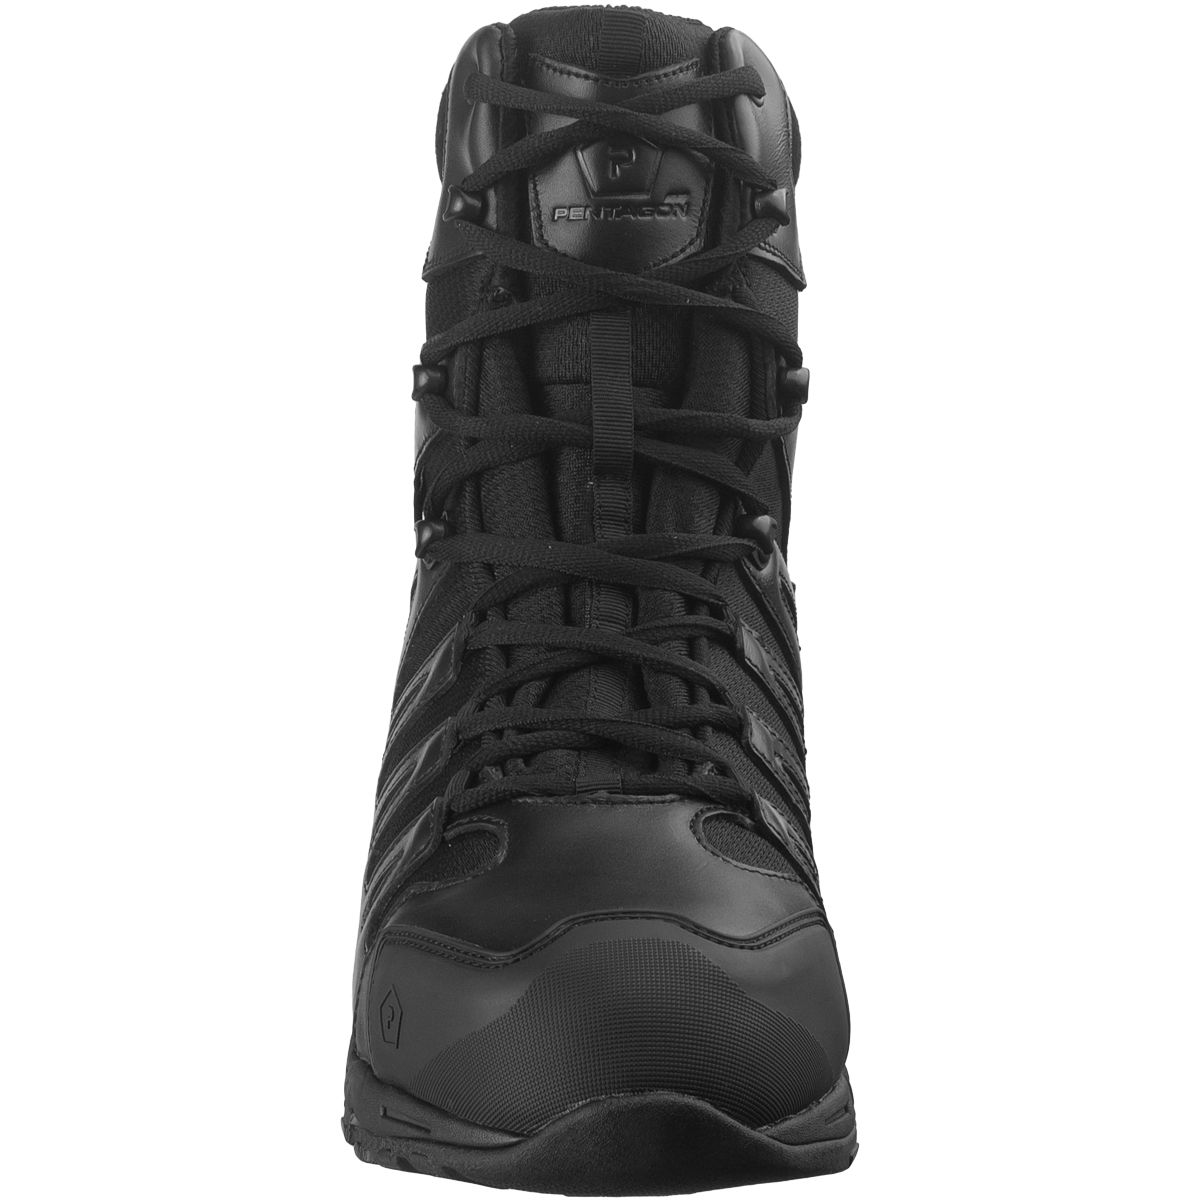 PENTAGON Hombres Achilles 8 Tactical Botas Negro Tama/ño 47 EU//13 UK